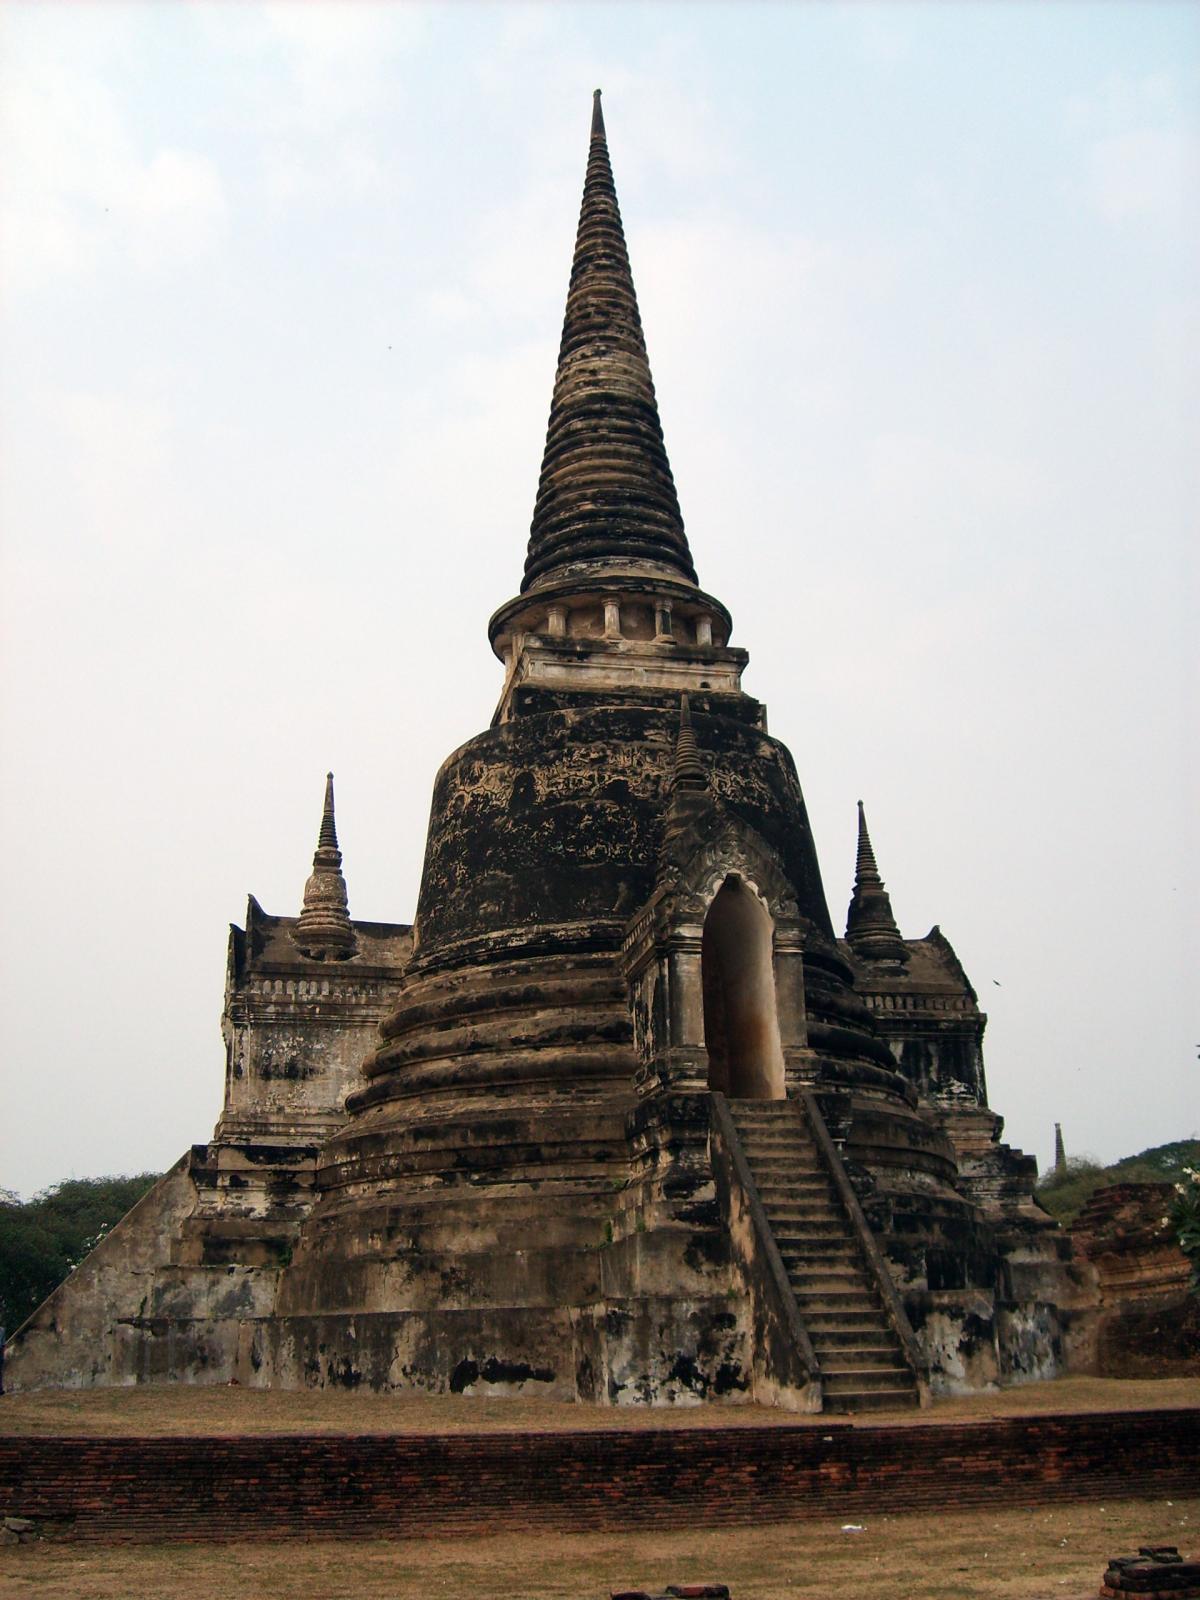 Ayutthaya buddhist complex in Thailand - free stock photo #401000